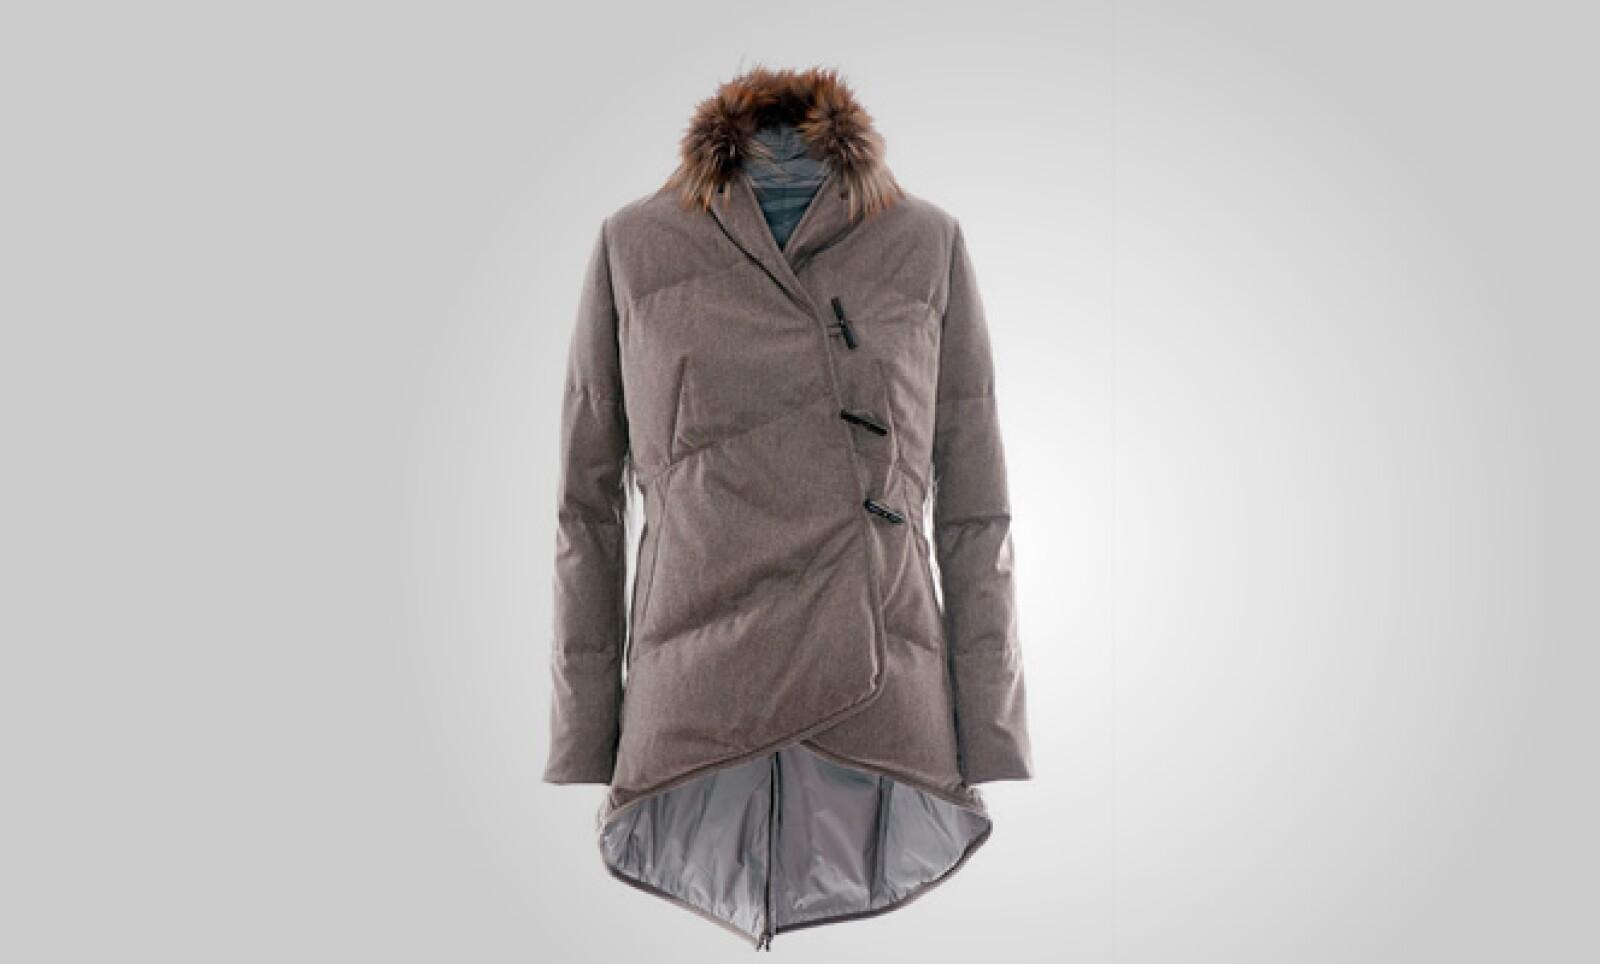 Otra opción para protegerse del frío, para damas y con acabo en visón por dentro.